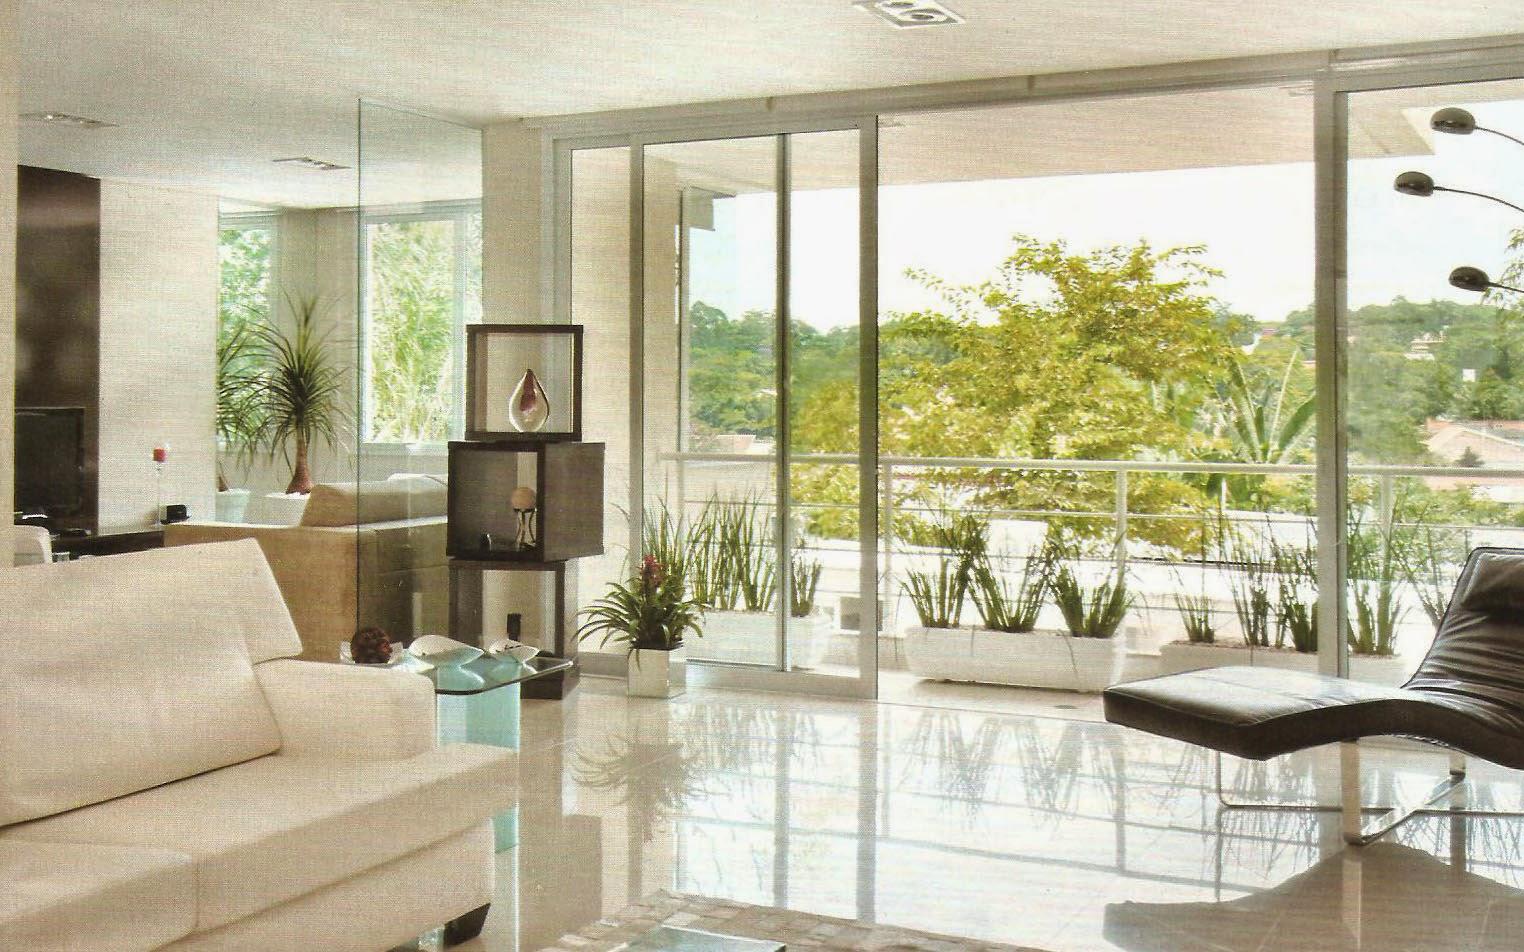 #938B38 Construindo Minha Casa Clean: 10 Dicas de como Economizar Energia com  42 Janelas De Vidro Cozinha